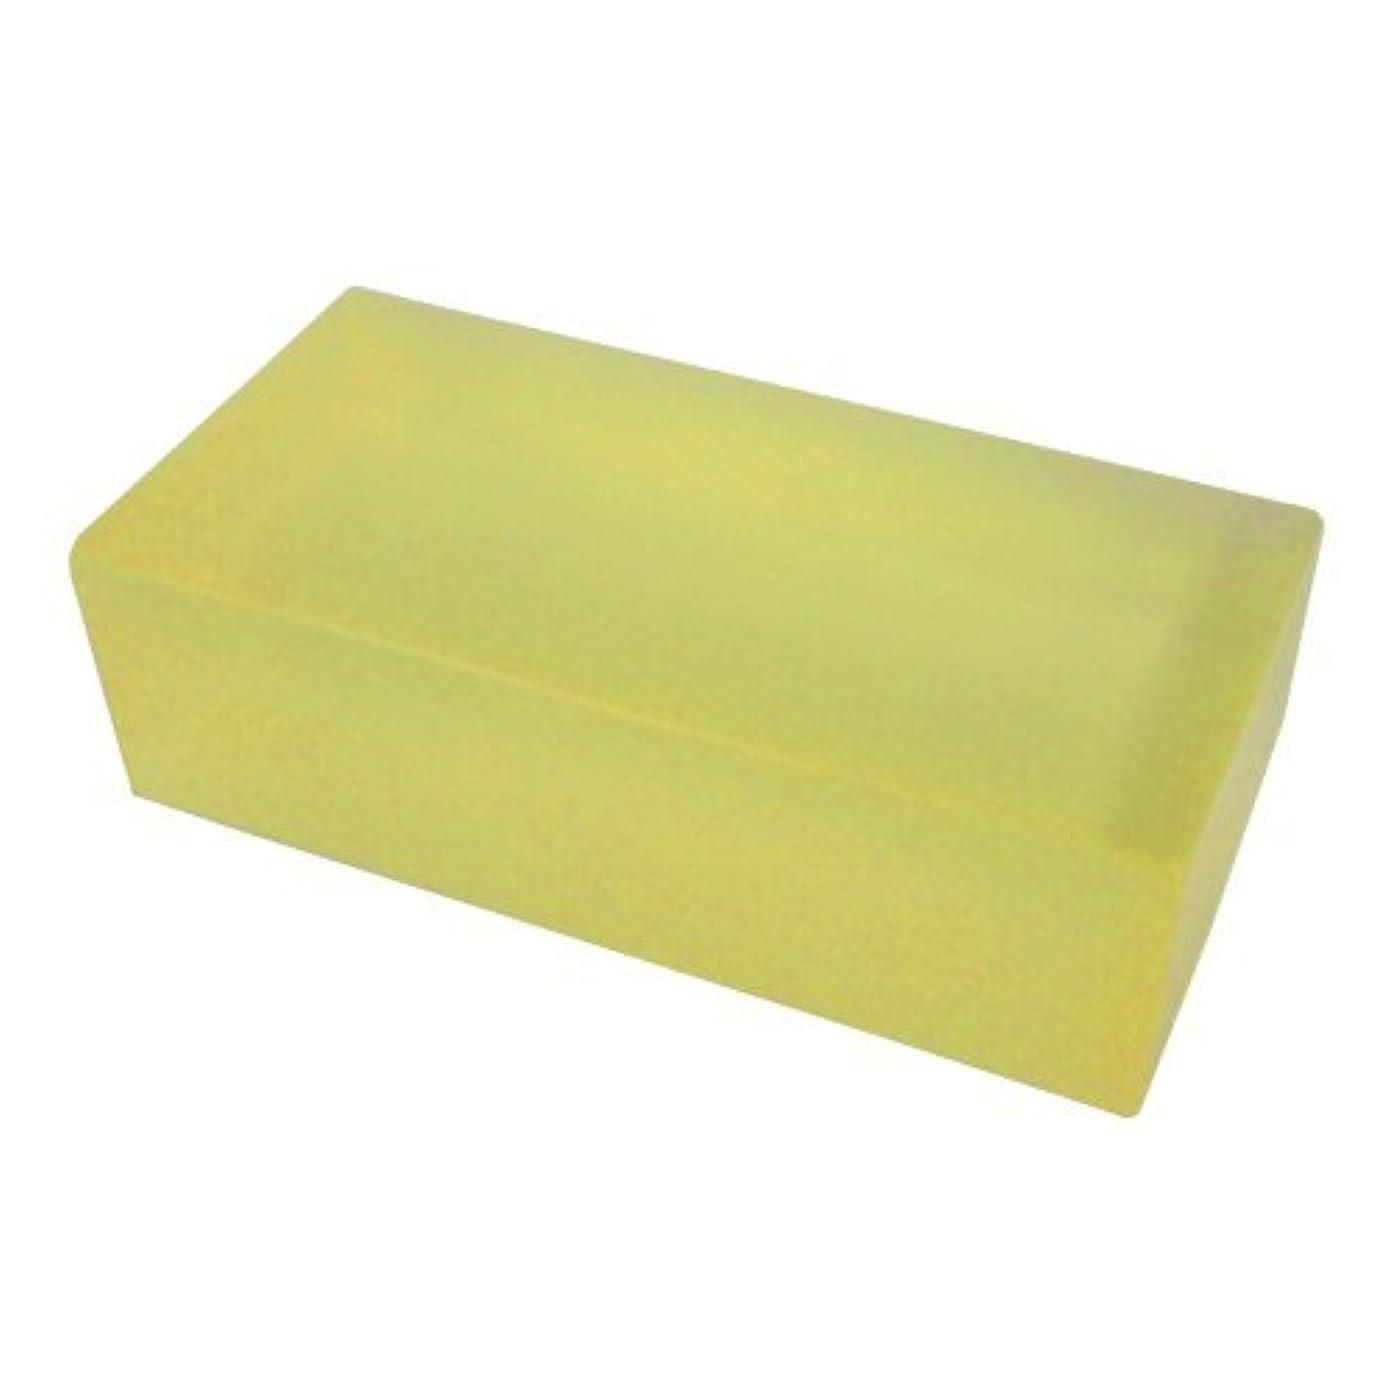 プラスチック傷つける動機松山油脂×東急ハンズ モイスチャーソープ シャルドネ